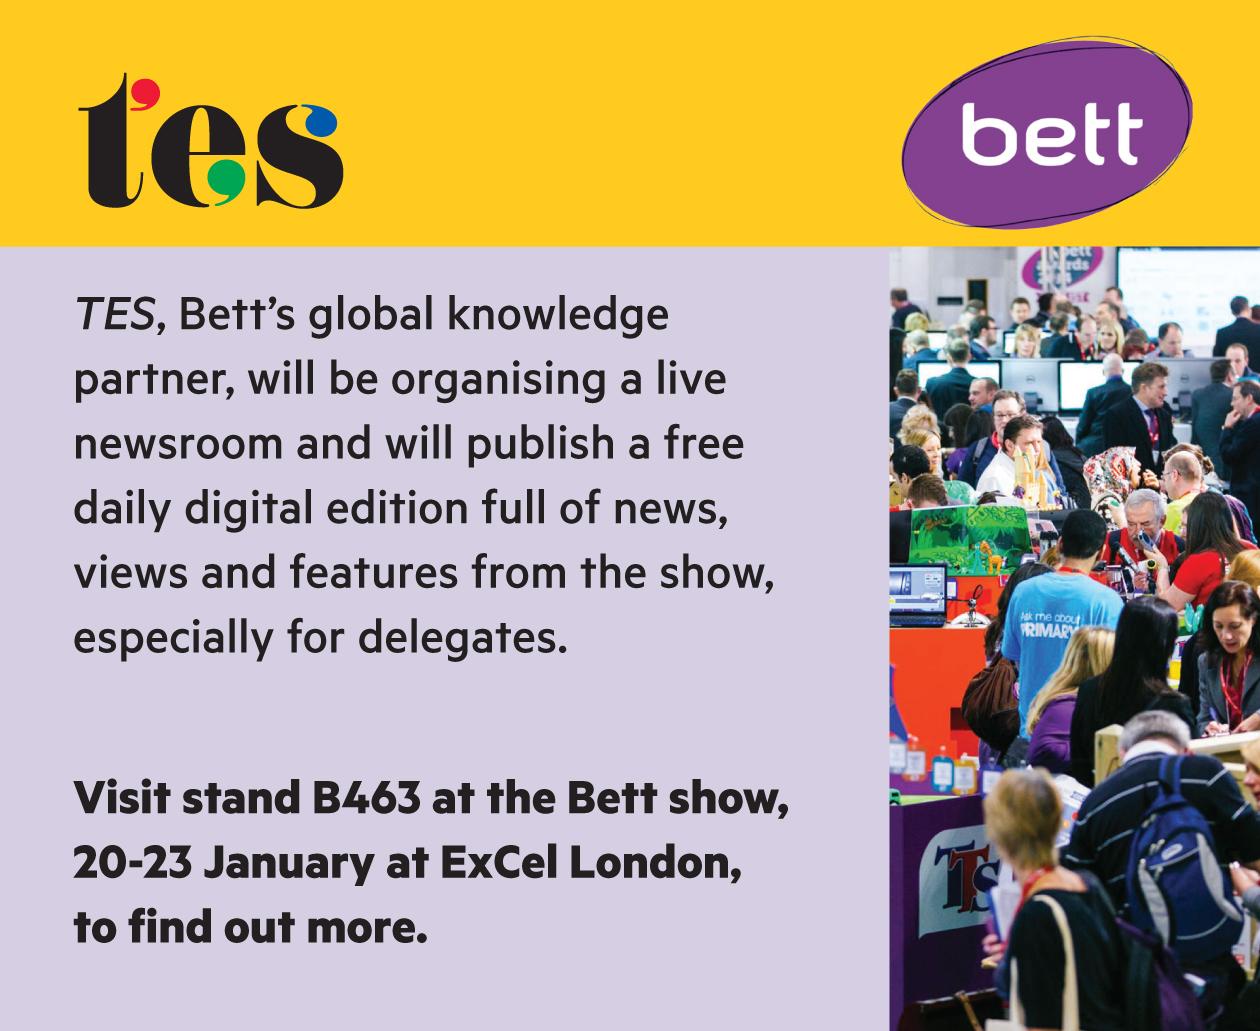 Bett ed tech show